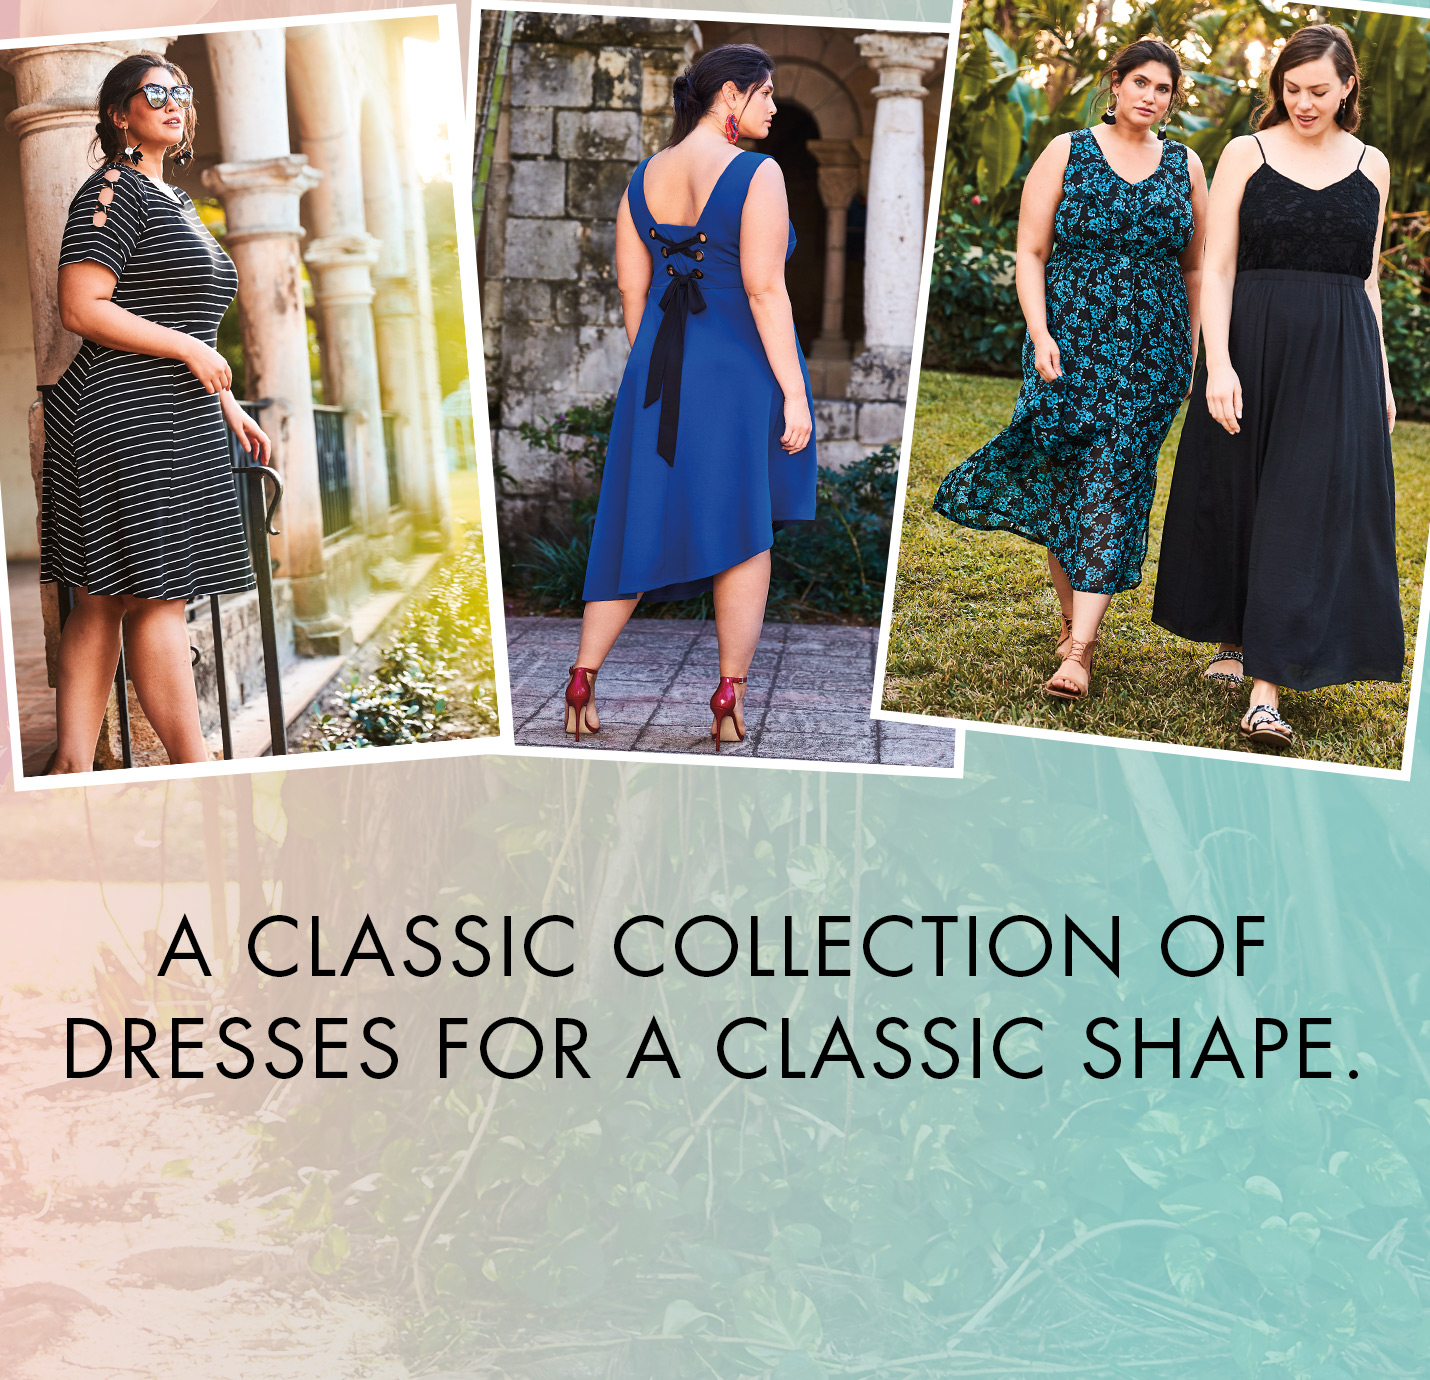 Plus Size Clothing Stylish Trendy Plus Size Fashions Penningtons